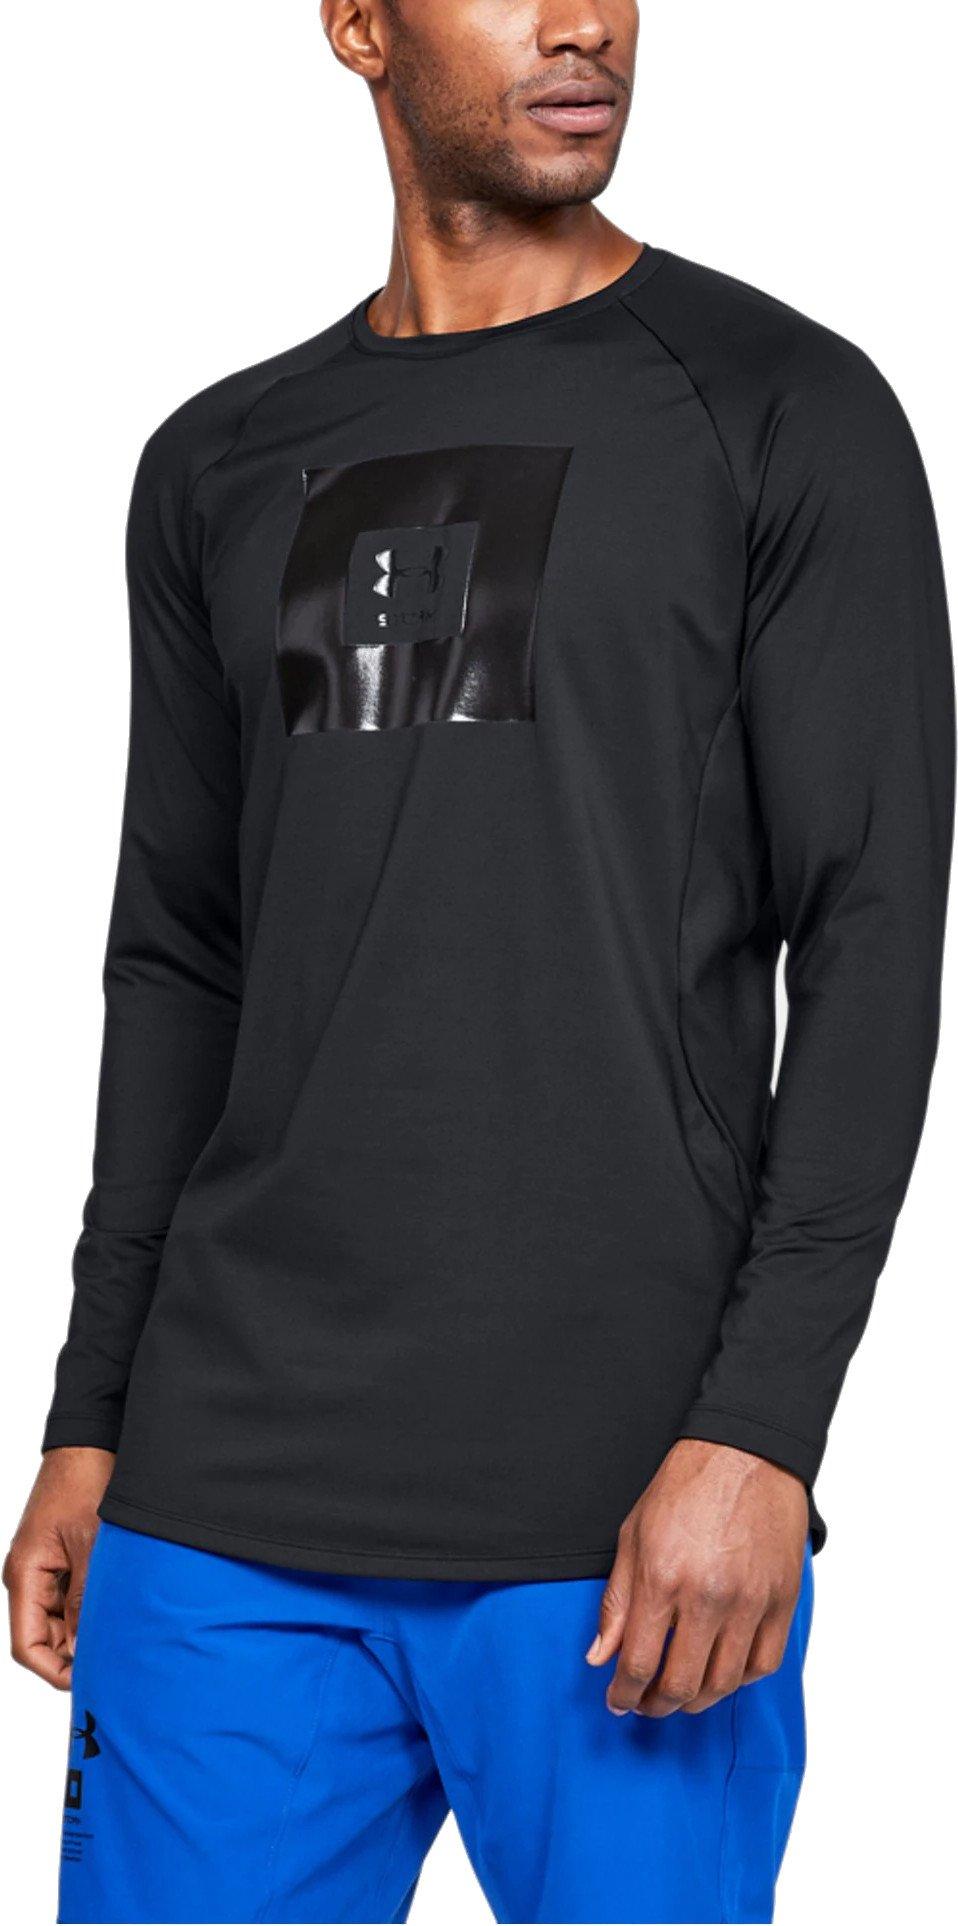 Pánské tréninkové tričko s dlouhým rukávem UA StormCyclone ColdGear